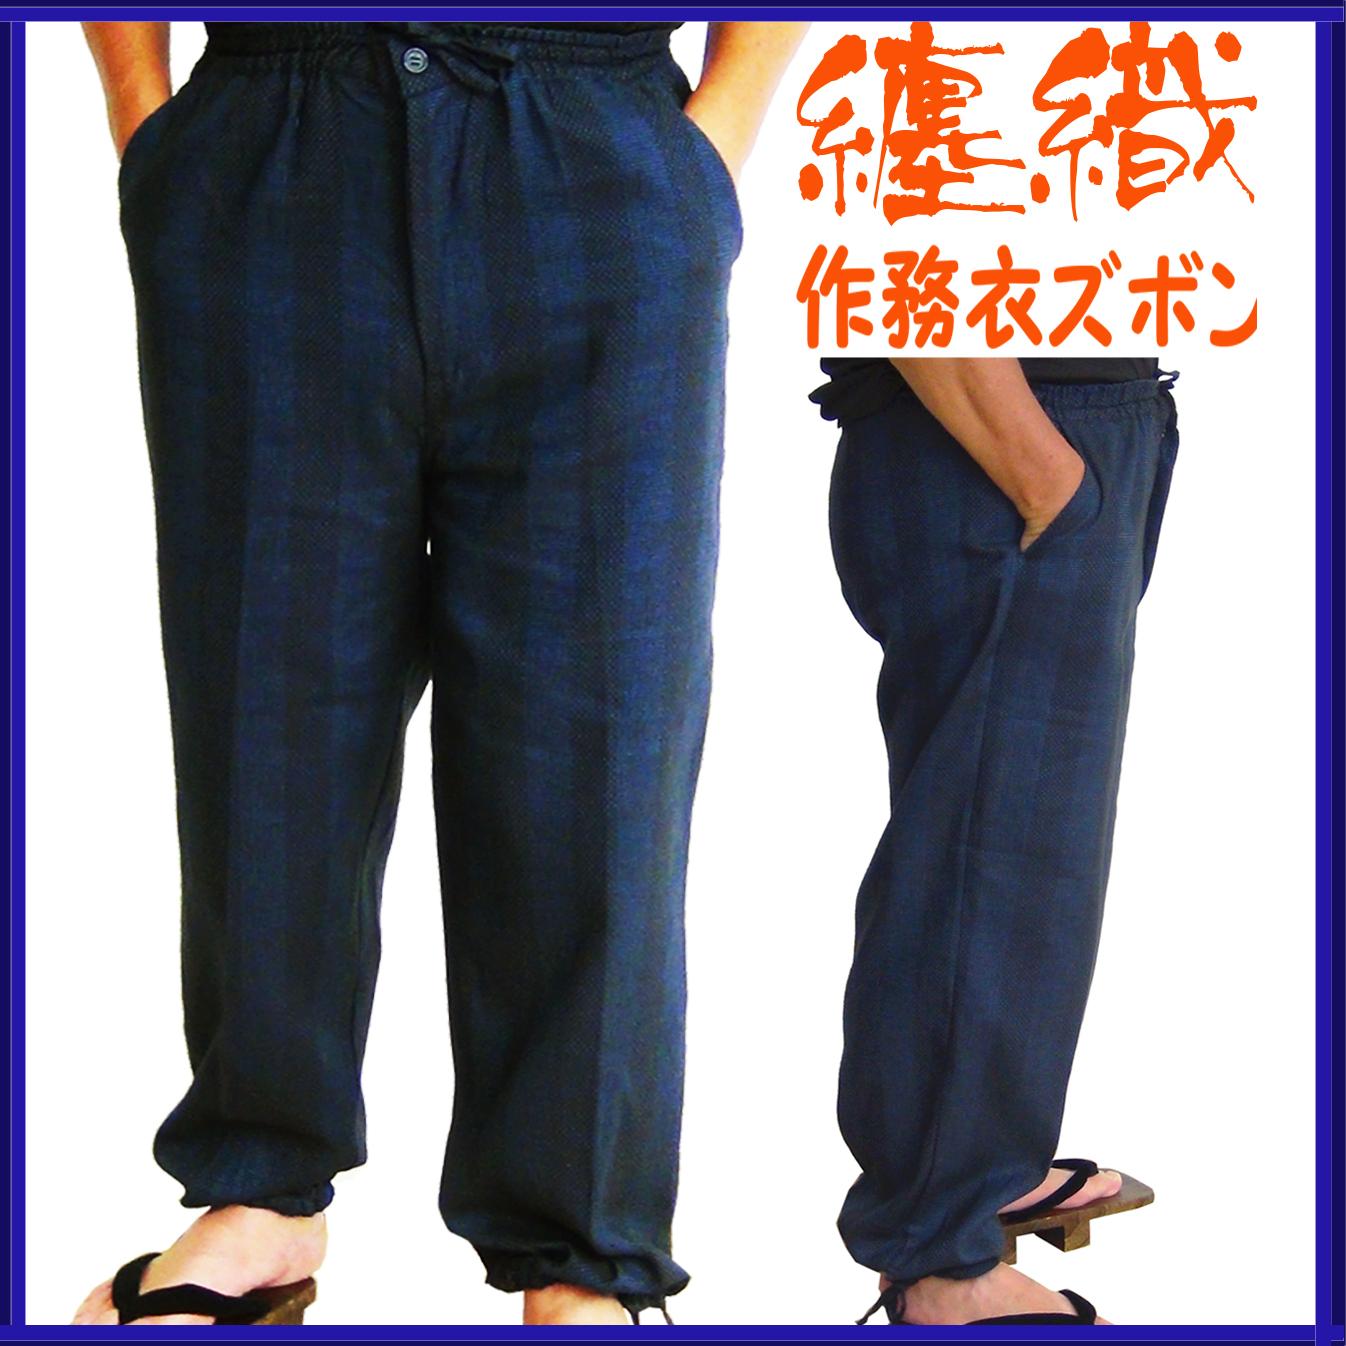 まとい織の作務衣ズボン